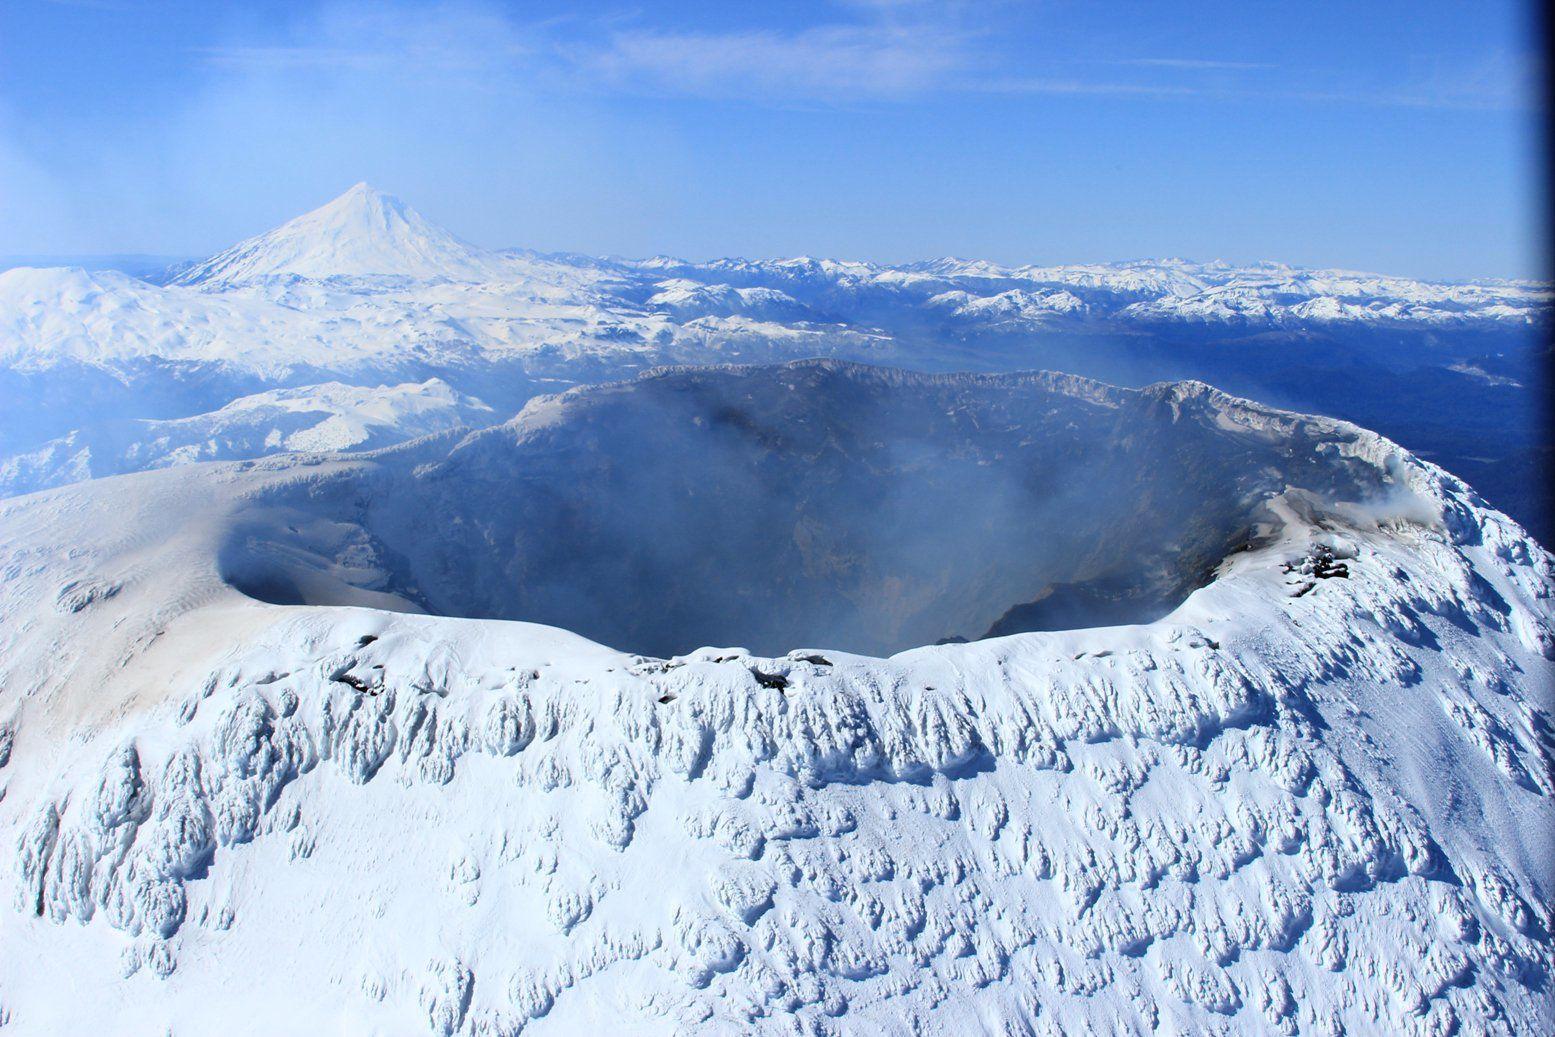 Villarica - parois intérieures du cratère recouvertes de cendres - photo Sernageomin